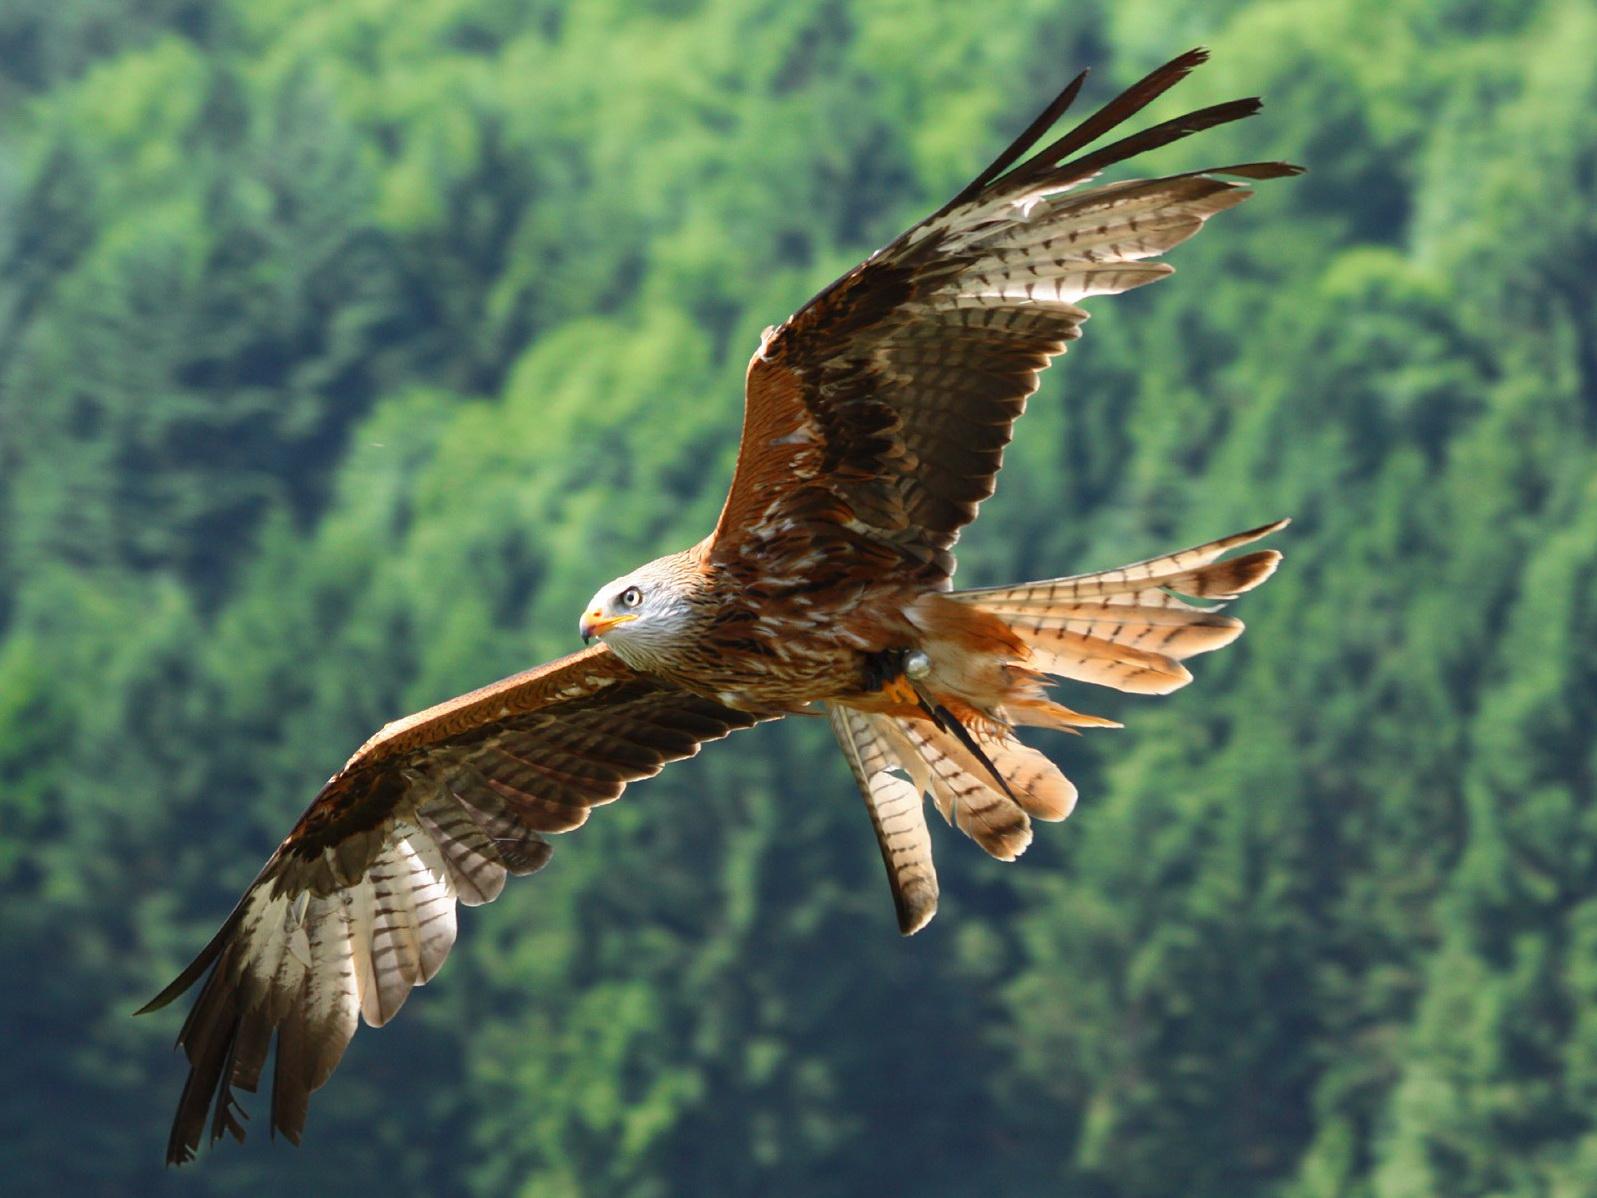 Сотрудники Минэкологии освободили из неволи редкую птицу